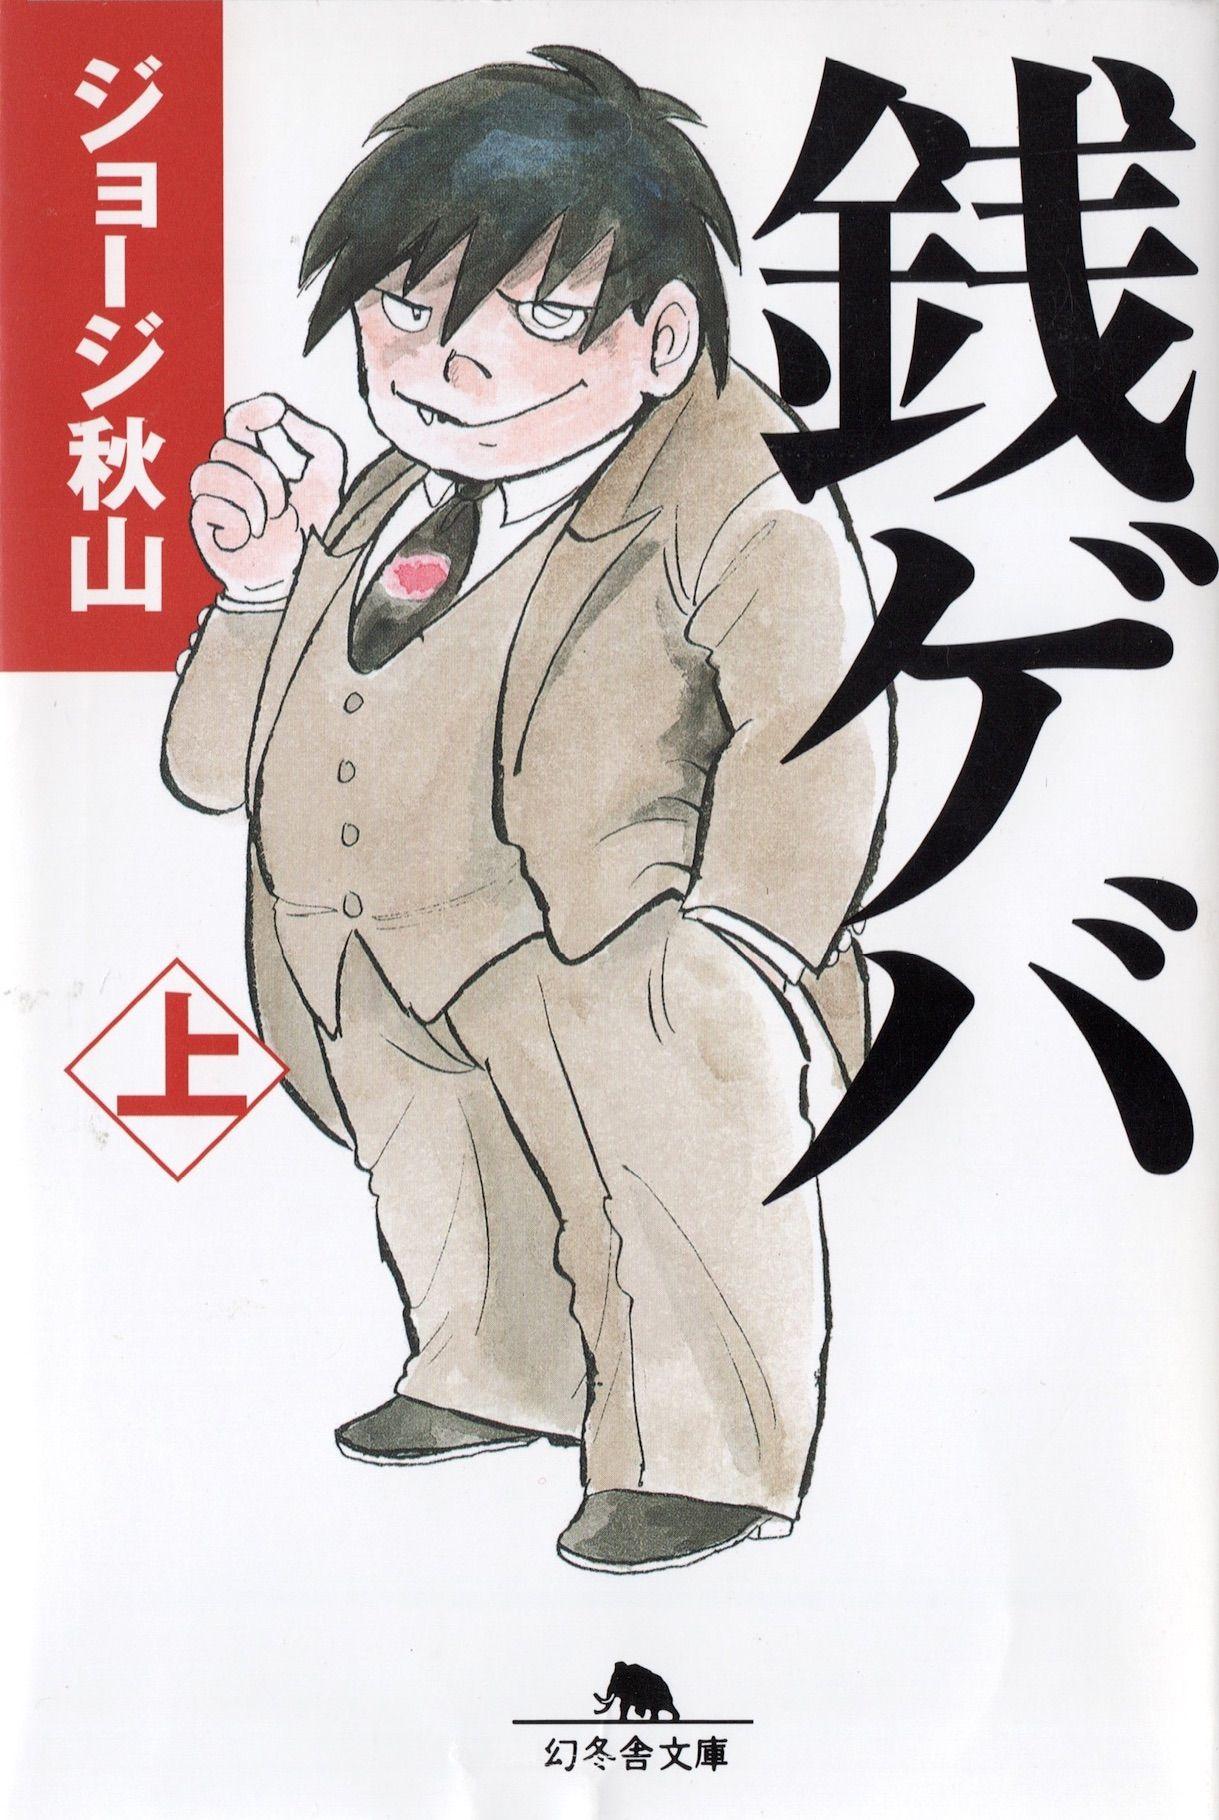 銭ゲバ 上 ジョージ秋山 幻冬舎文庫 ゲバ カバーデザイン イラスト